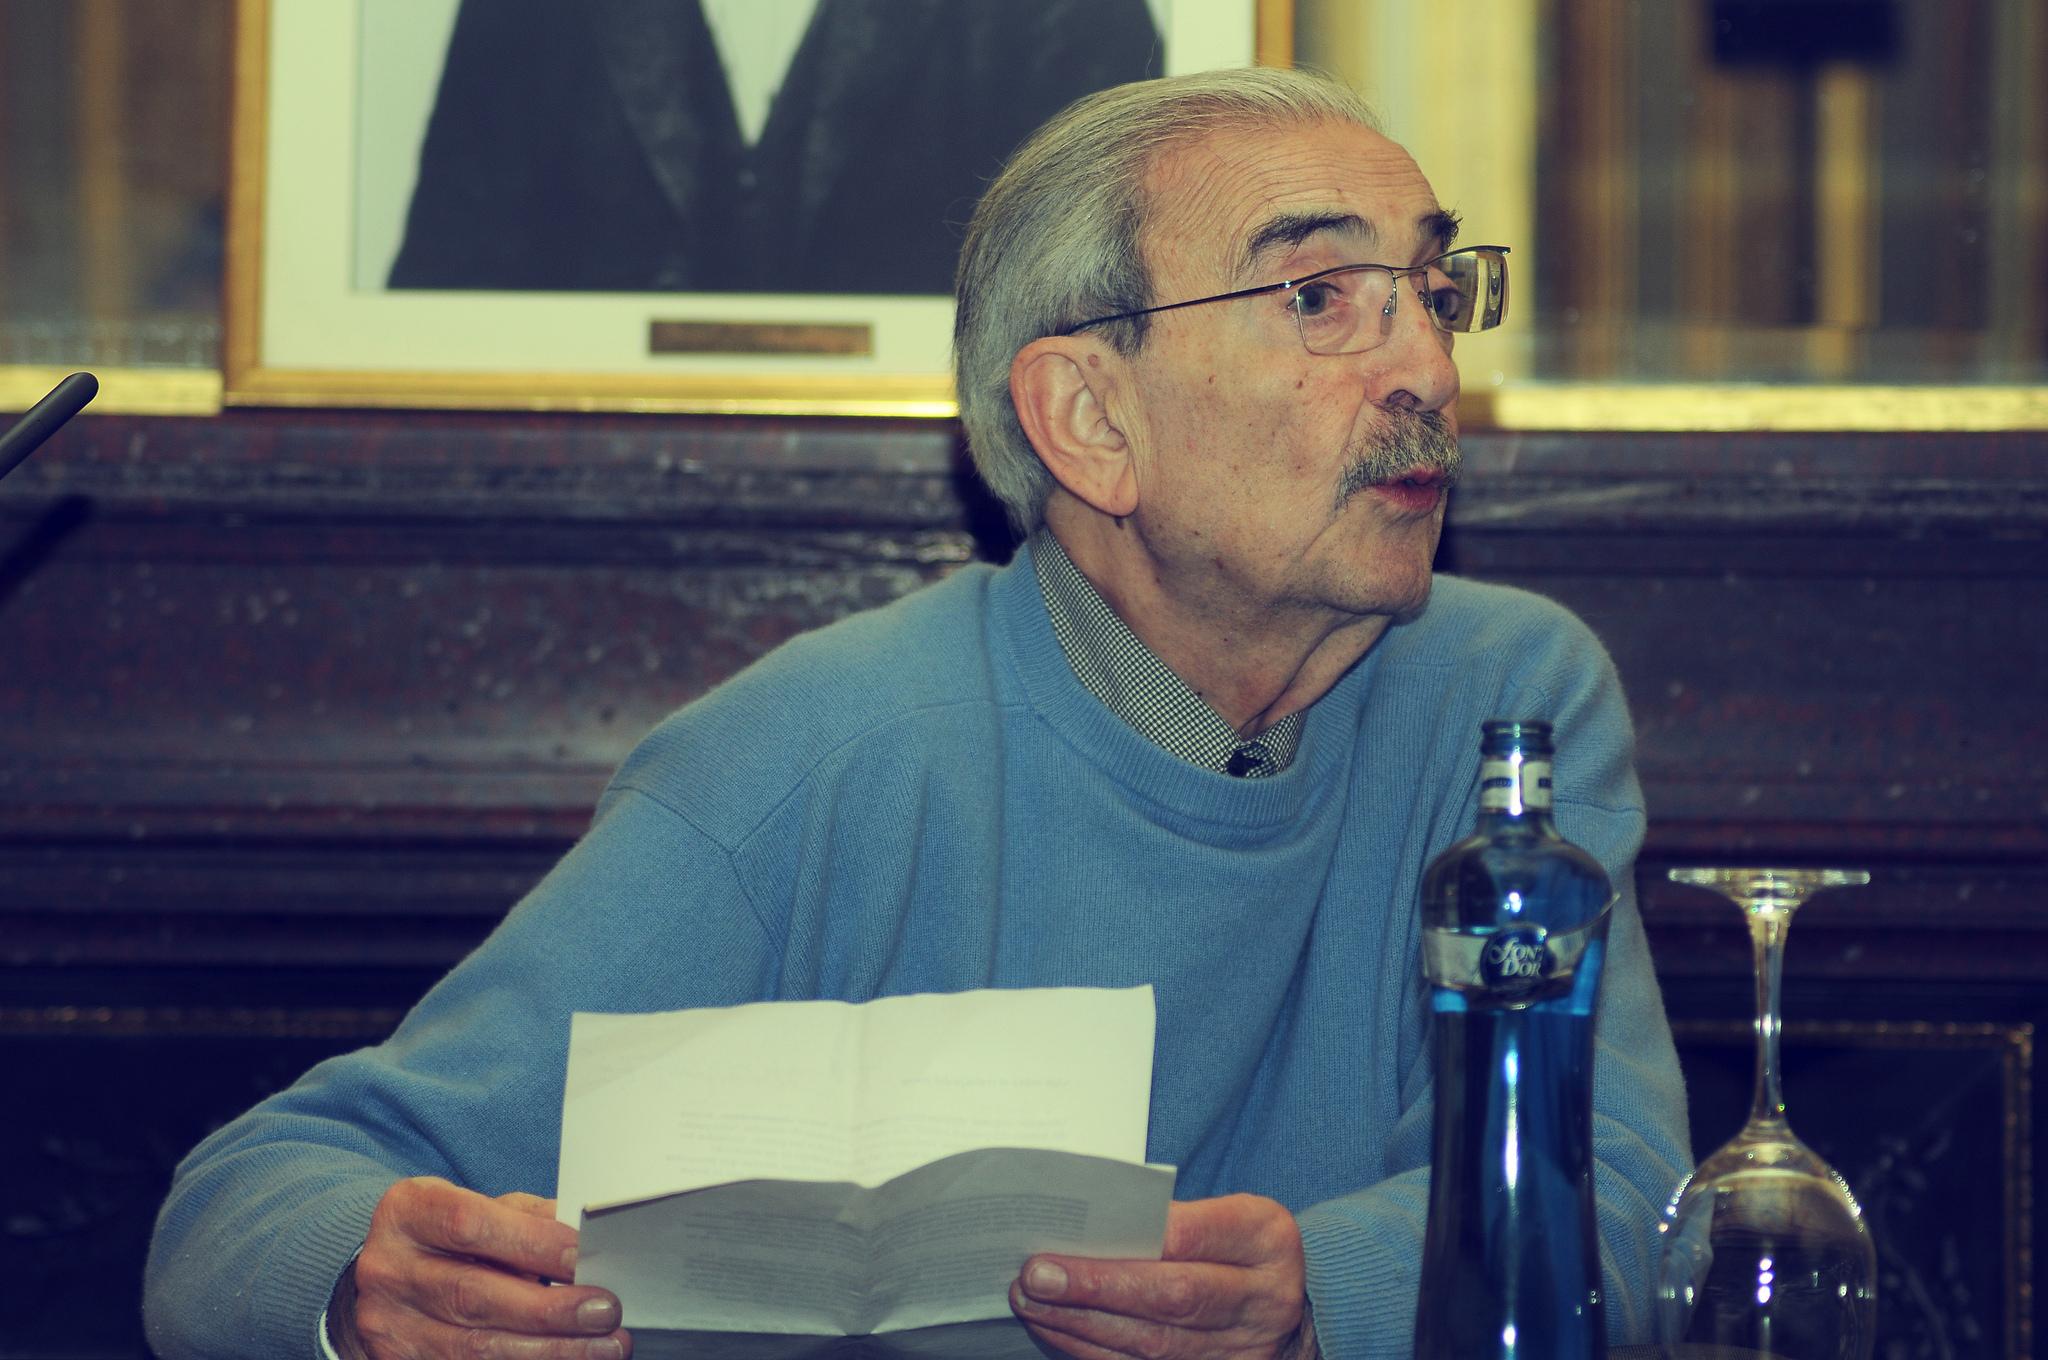 Reflexiona con un poema de Juan Gelman